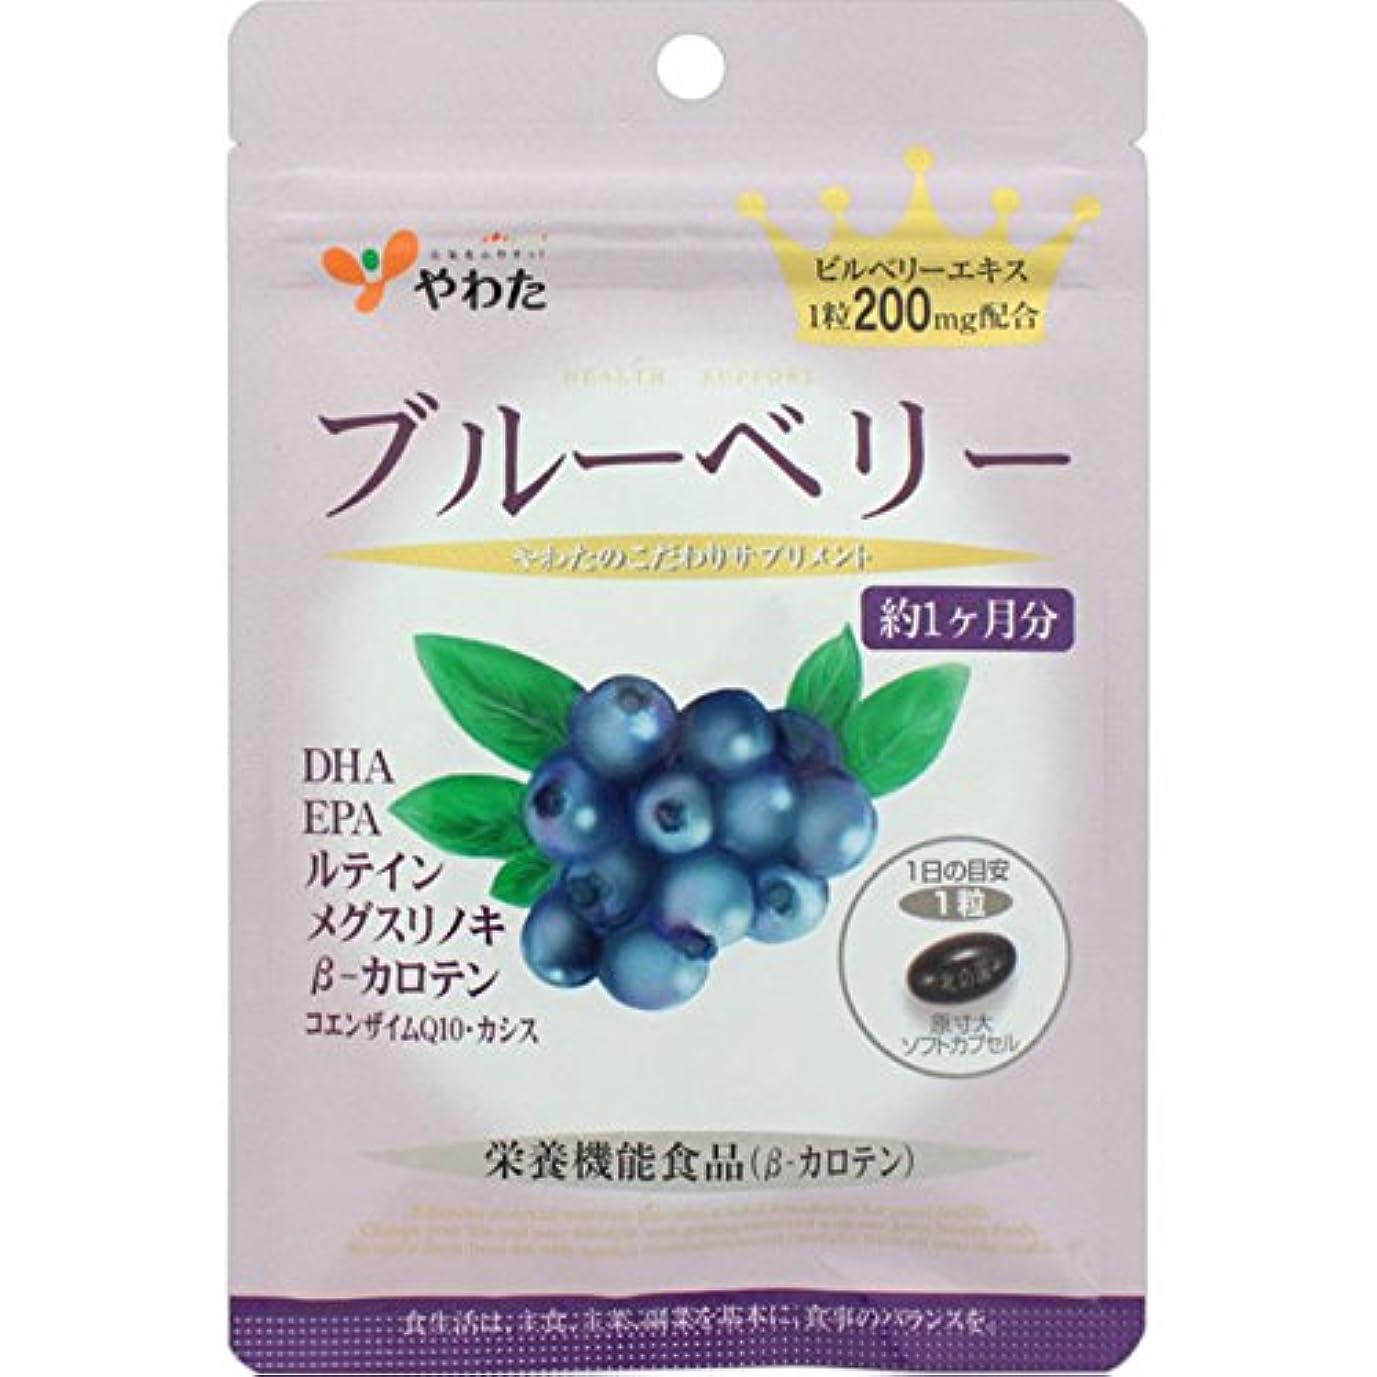 値する医薬品バウンス八幡物産 ブルーベリー 30粒